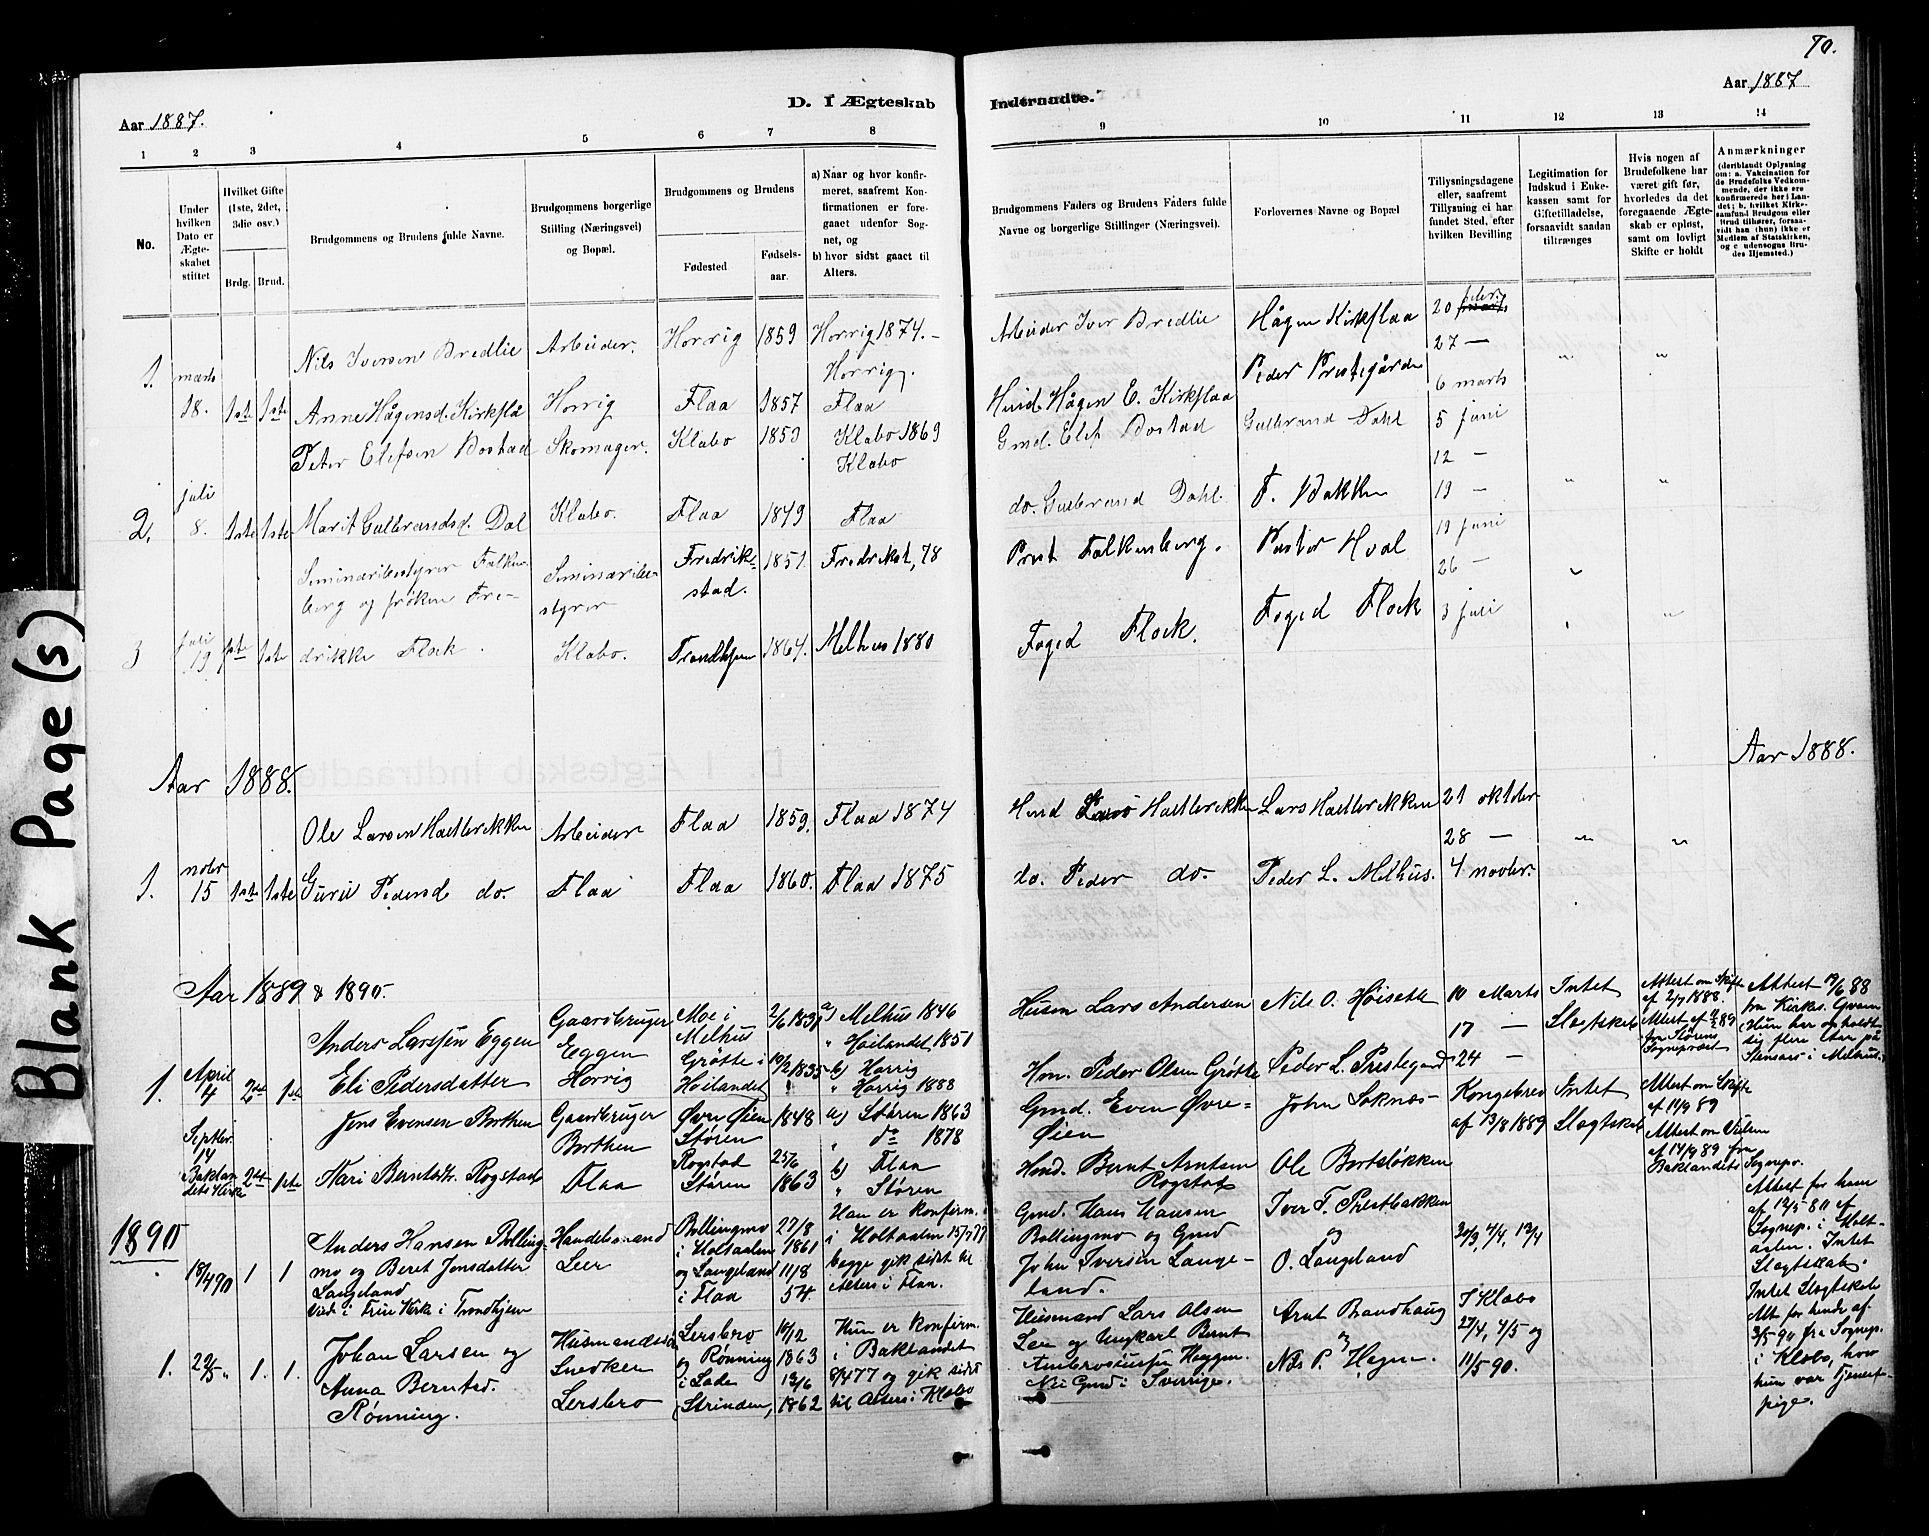 SAT, Ministerialprotokoller, klokkerbøker og fødselsregistre - Sør-Trøndelag, 693/L1123: Klokkerbok nr. 693C04, 1887-1910, s. 70